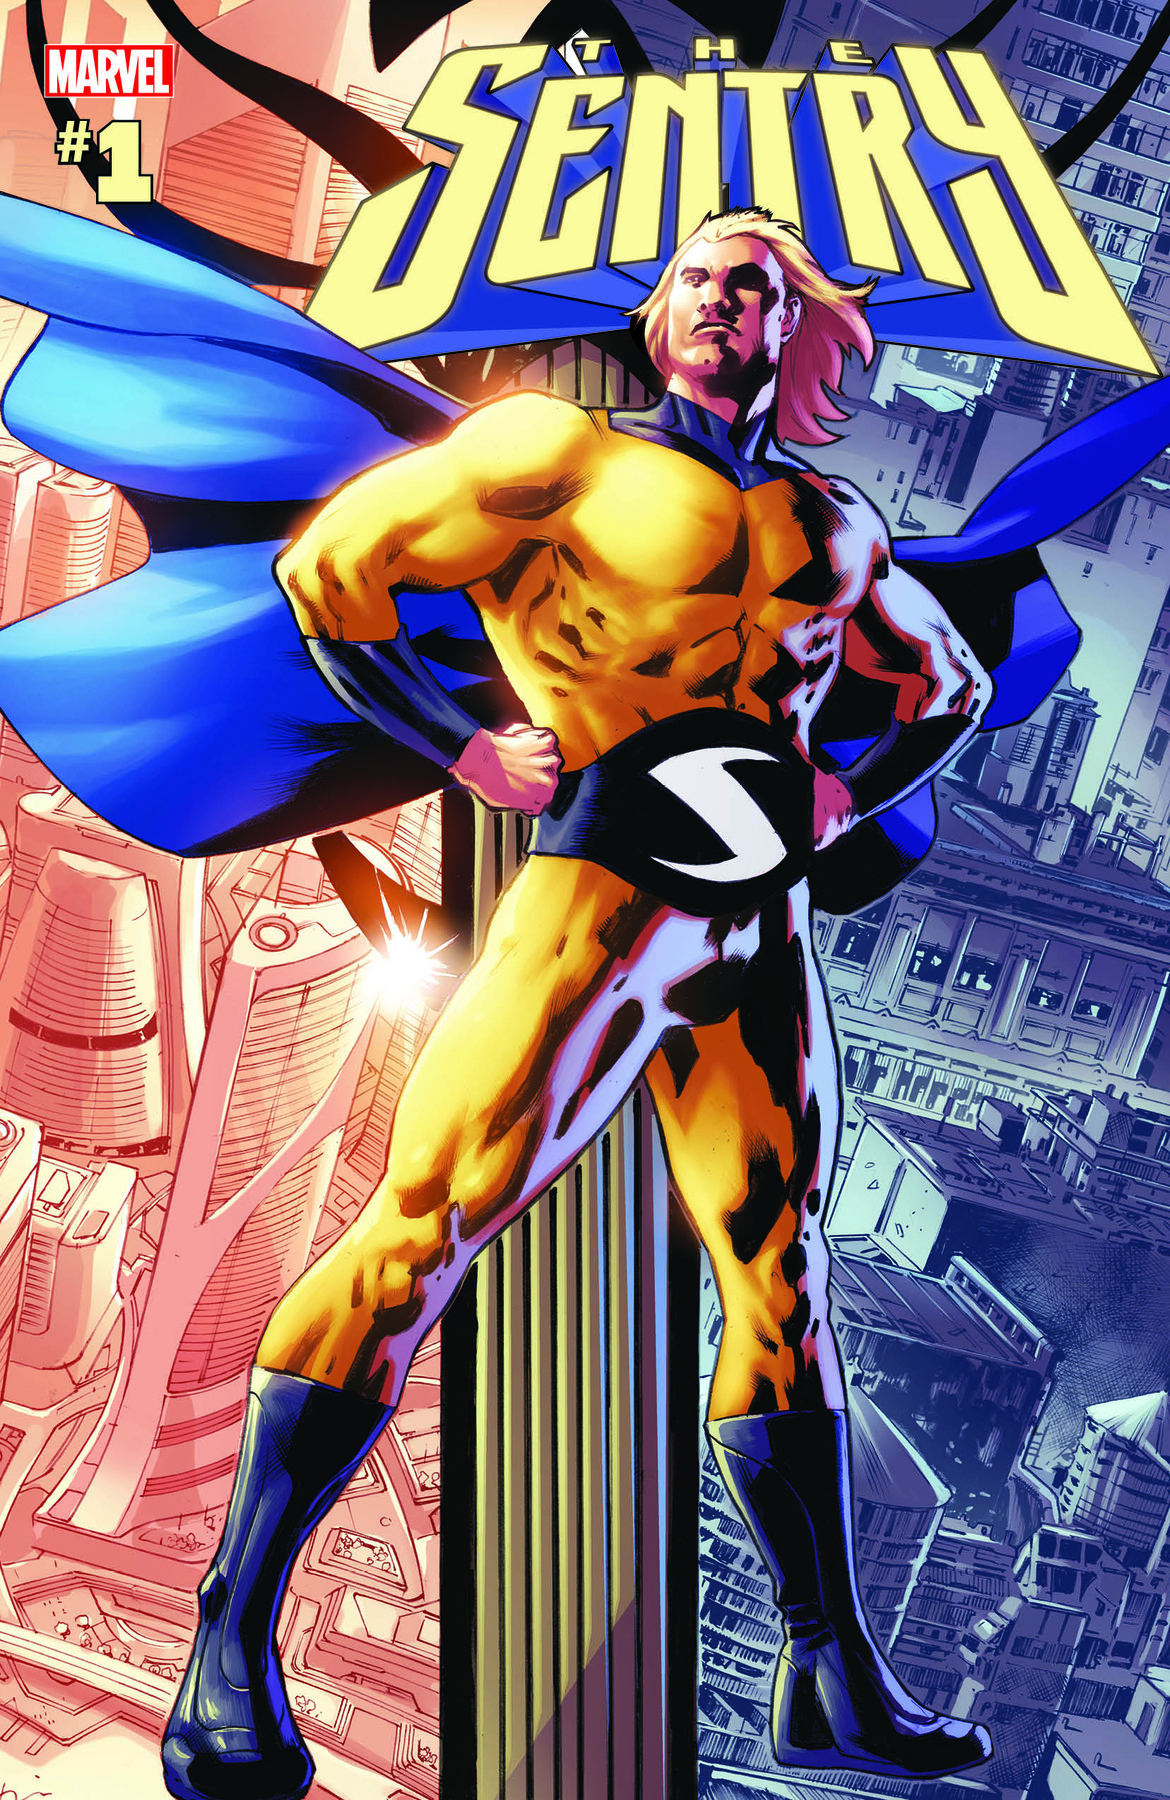 sentry_marvel_comics.jpg